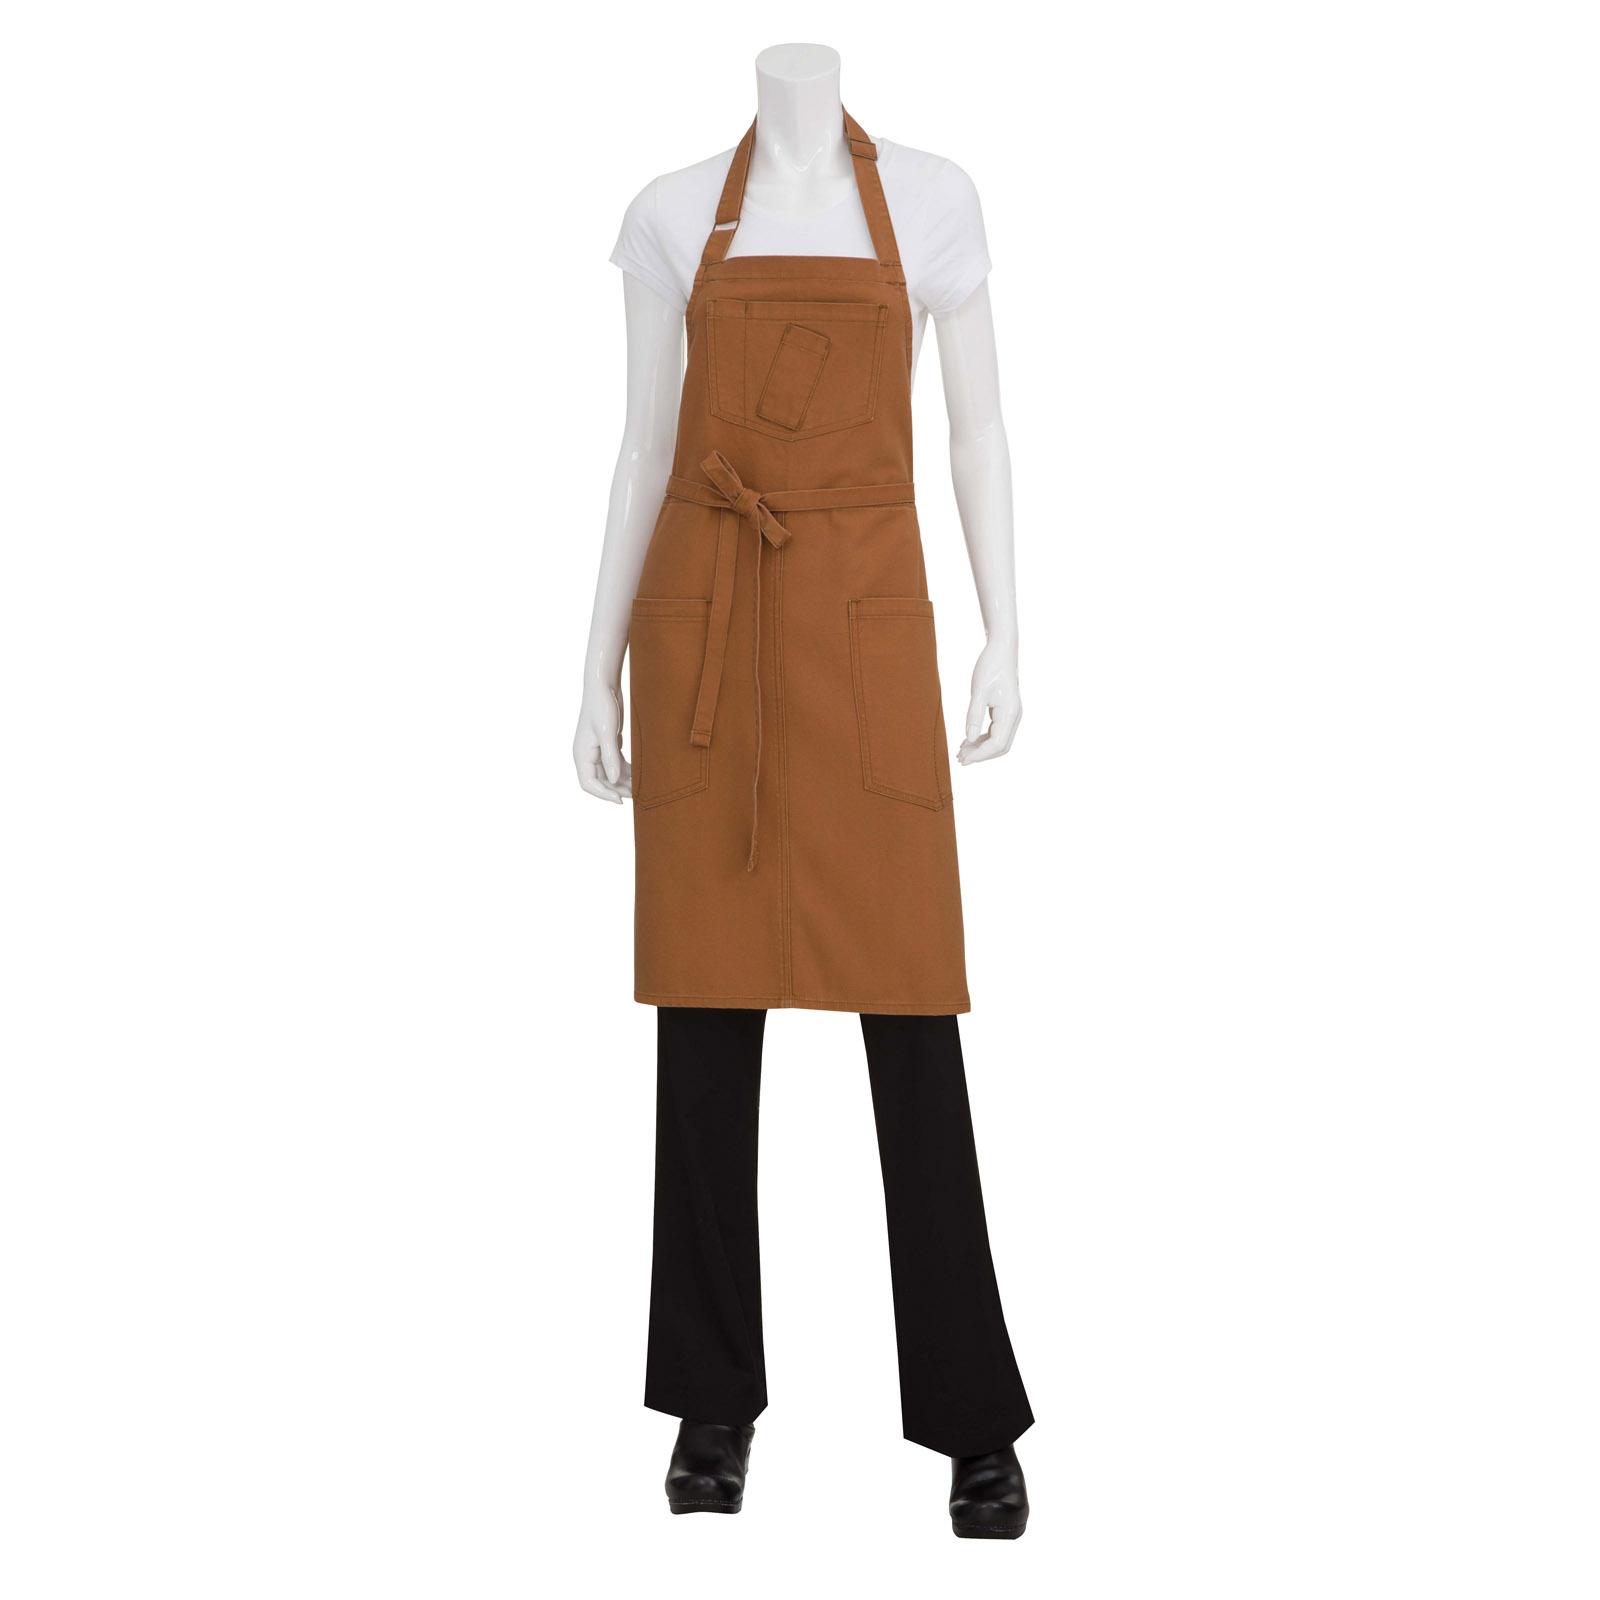 Chef Works ABKV053NTM0 bib apron